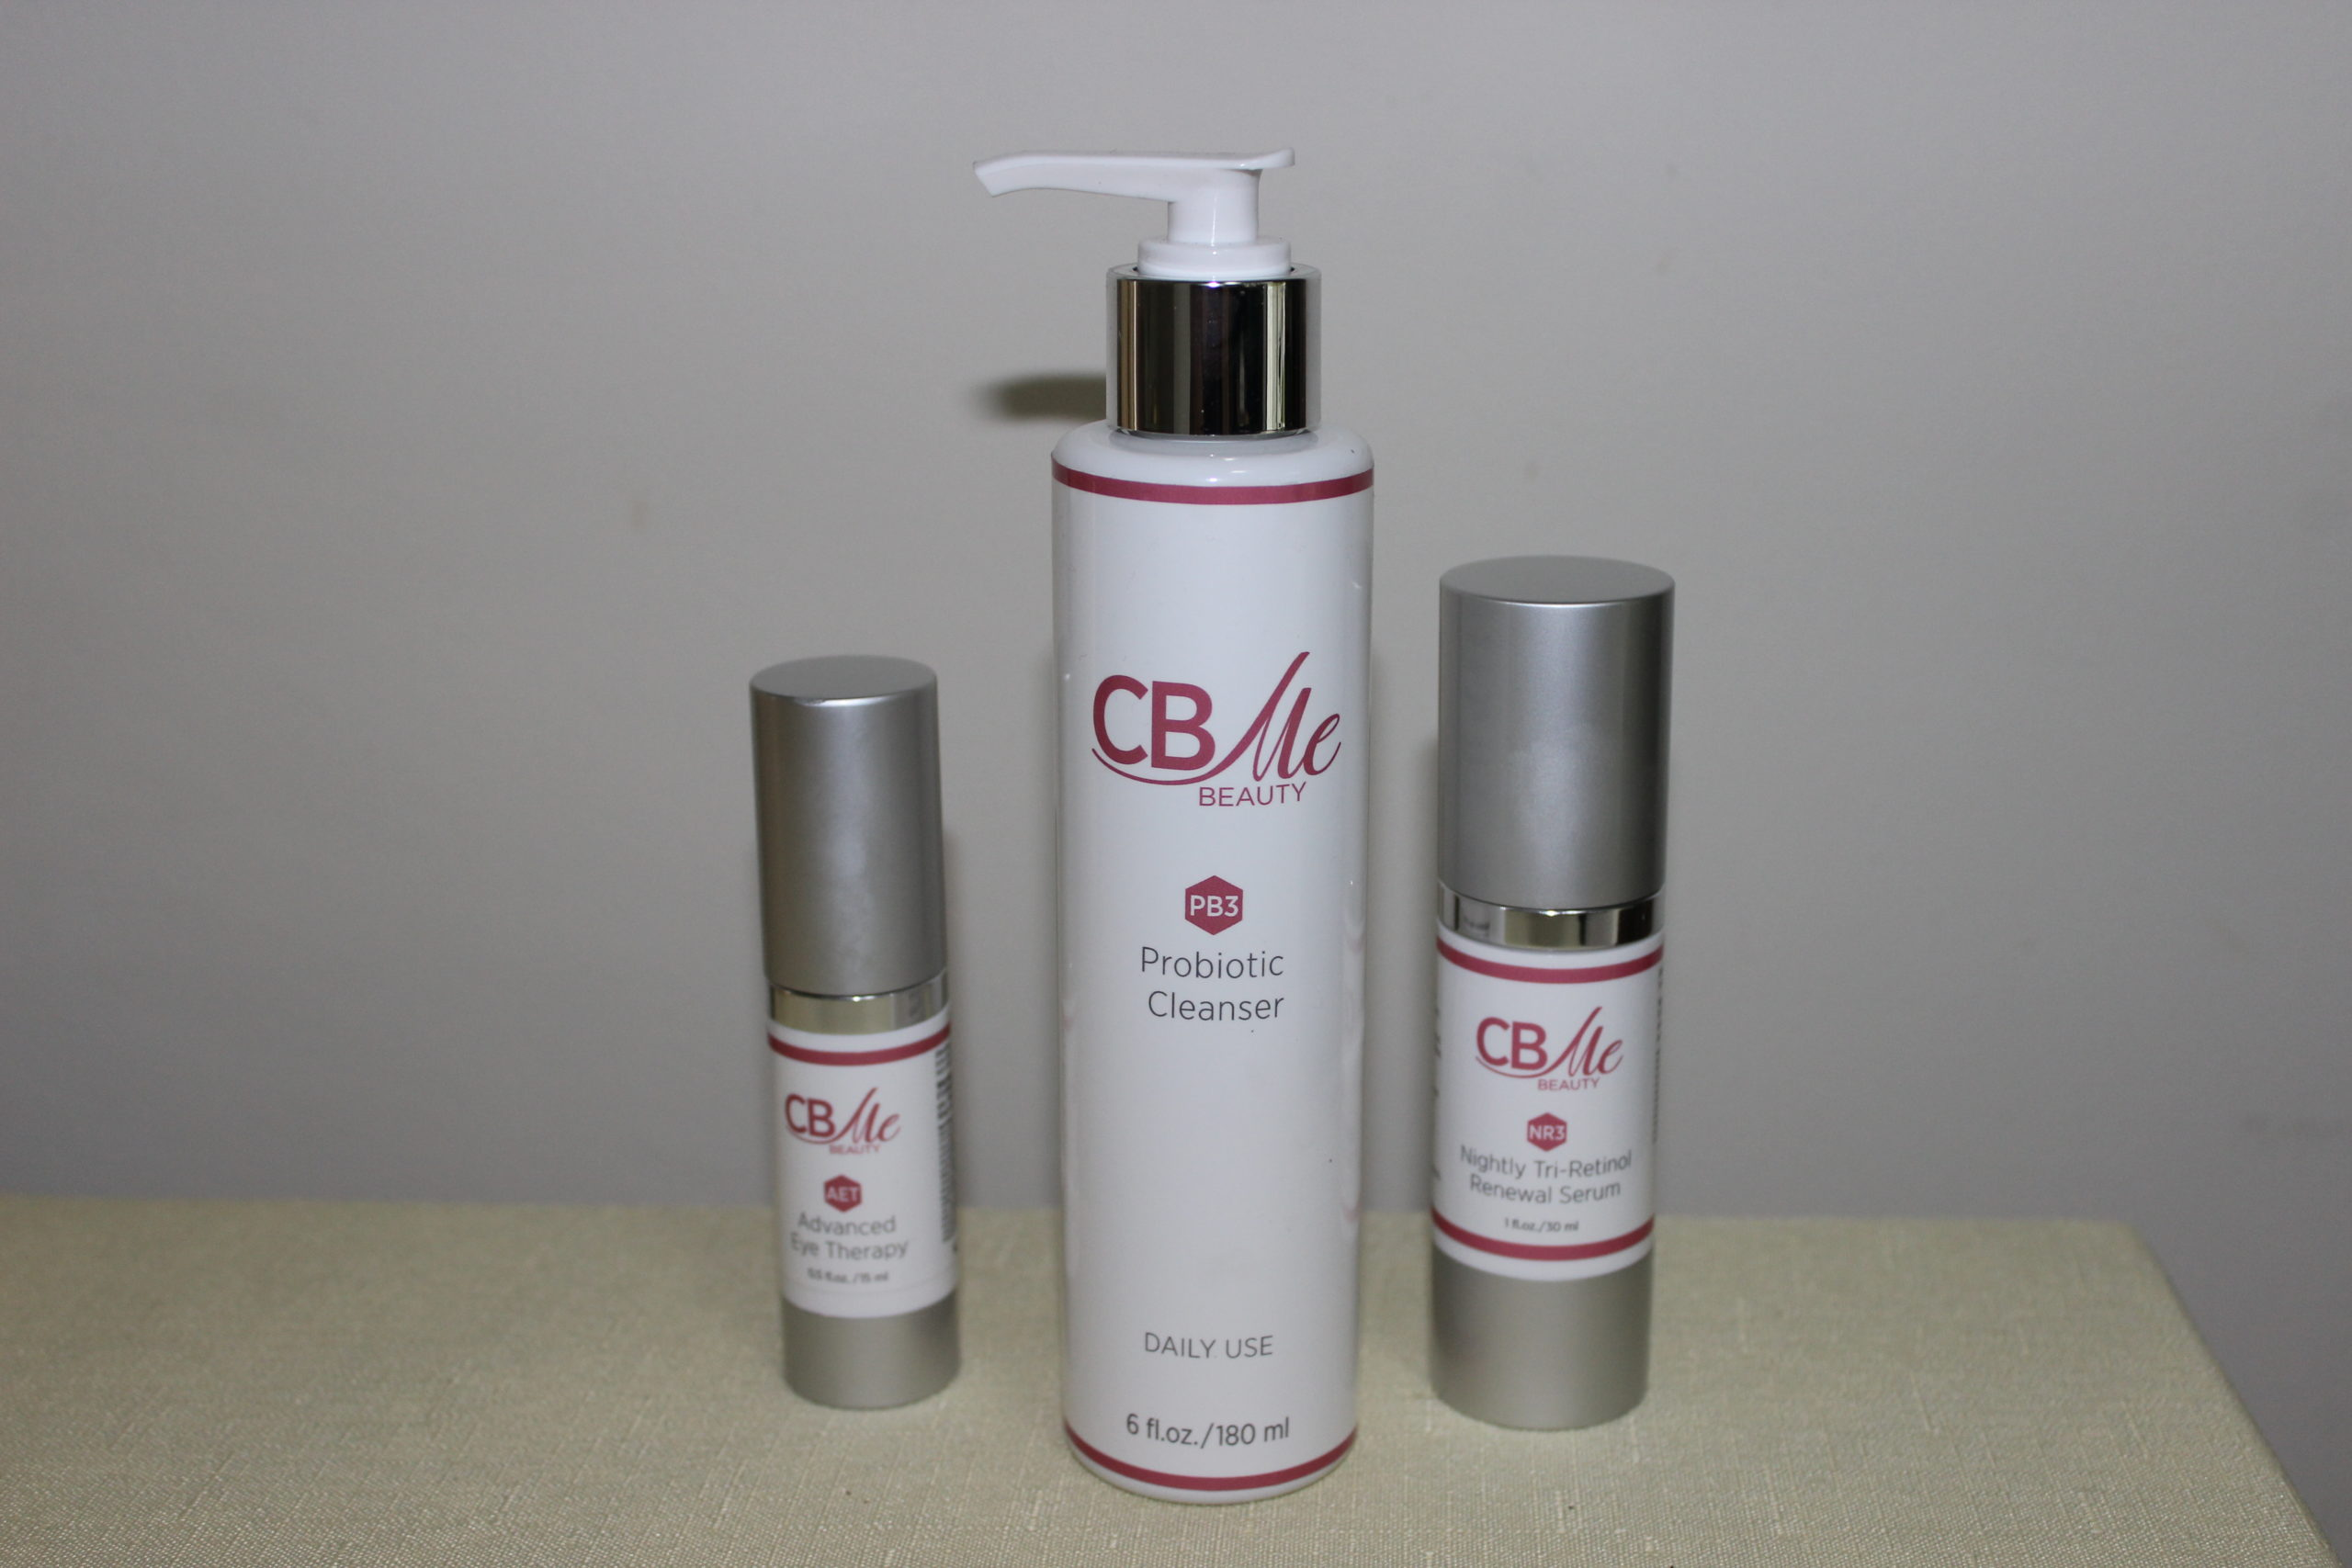 Denise Richard's new skincare line, CB Me Beauty